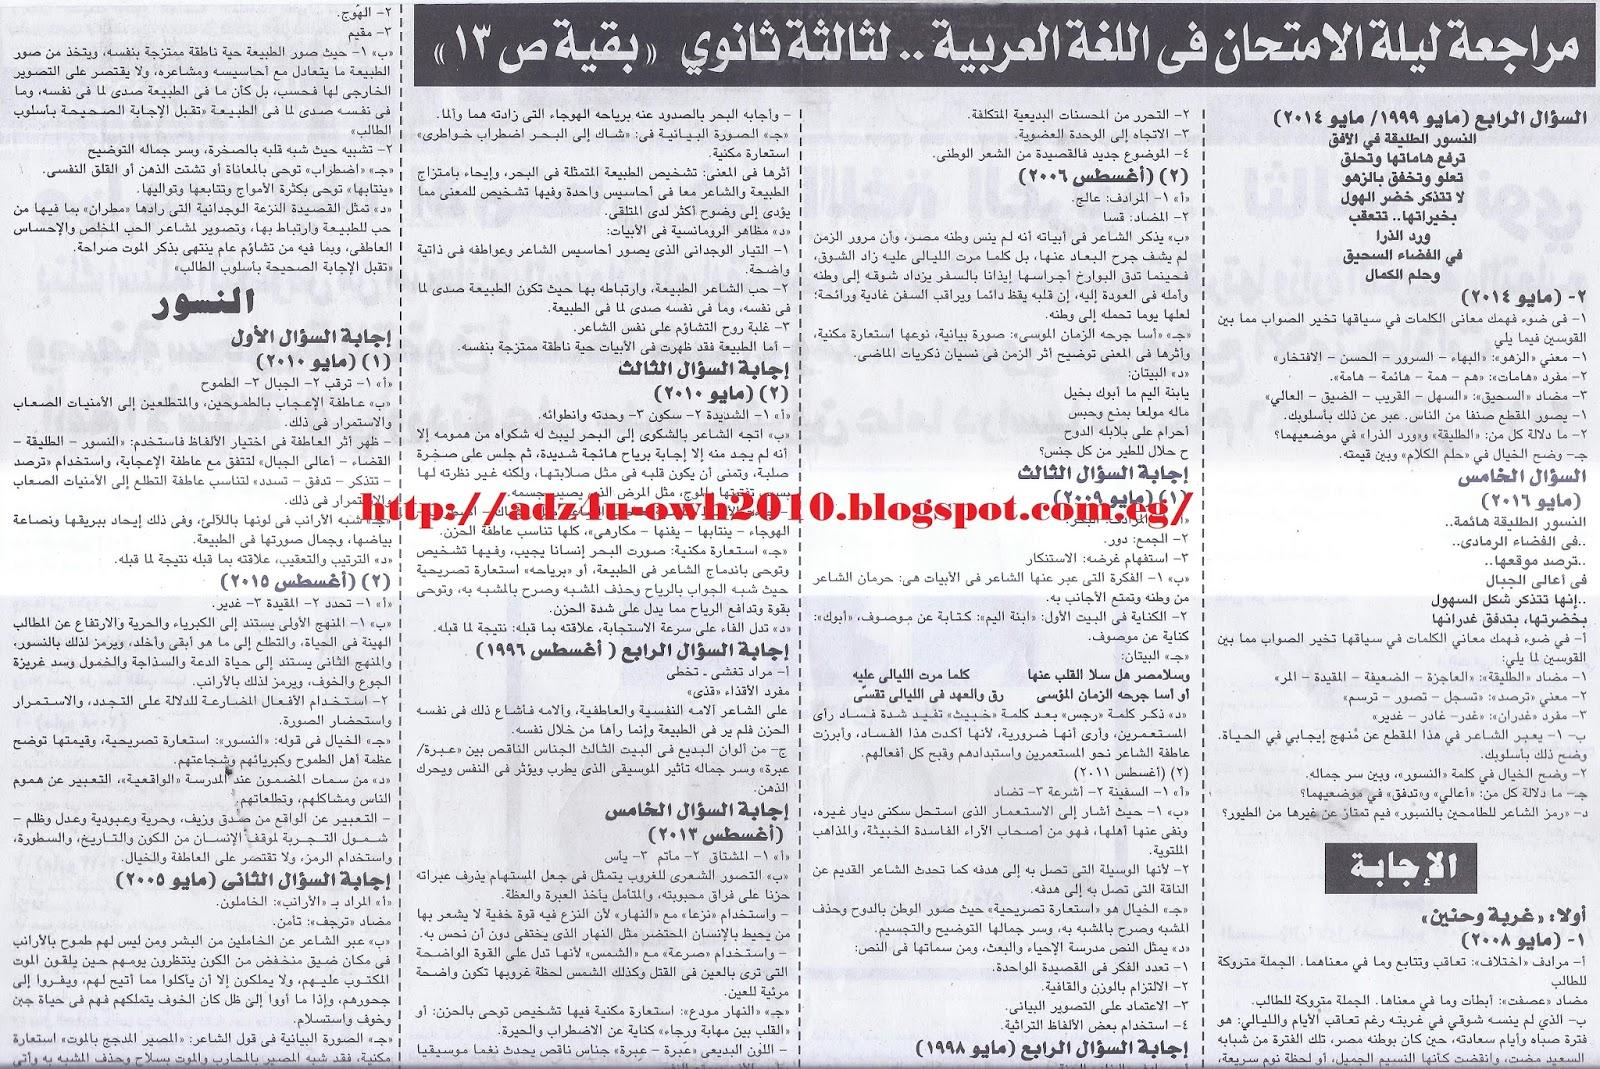 مراجعة وتوقعات ملحق الجمهورية الاخيرة في اللغة العربية للثانوية العامة 10